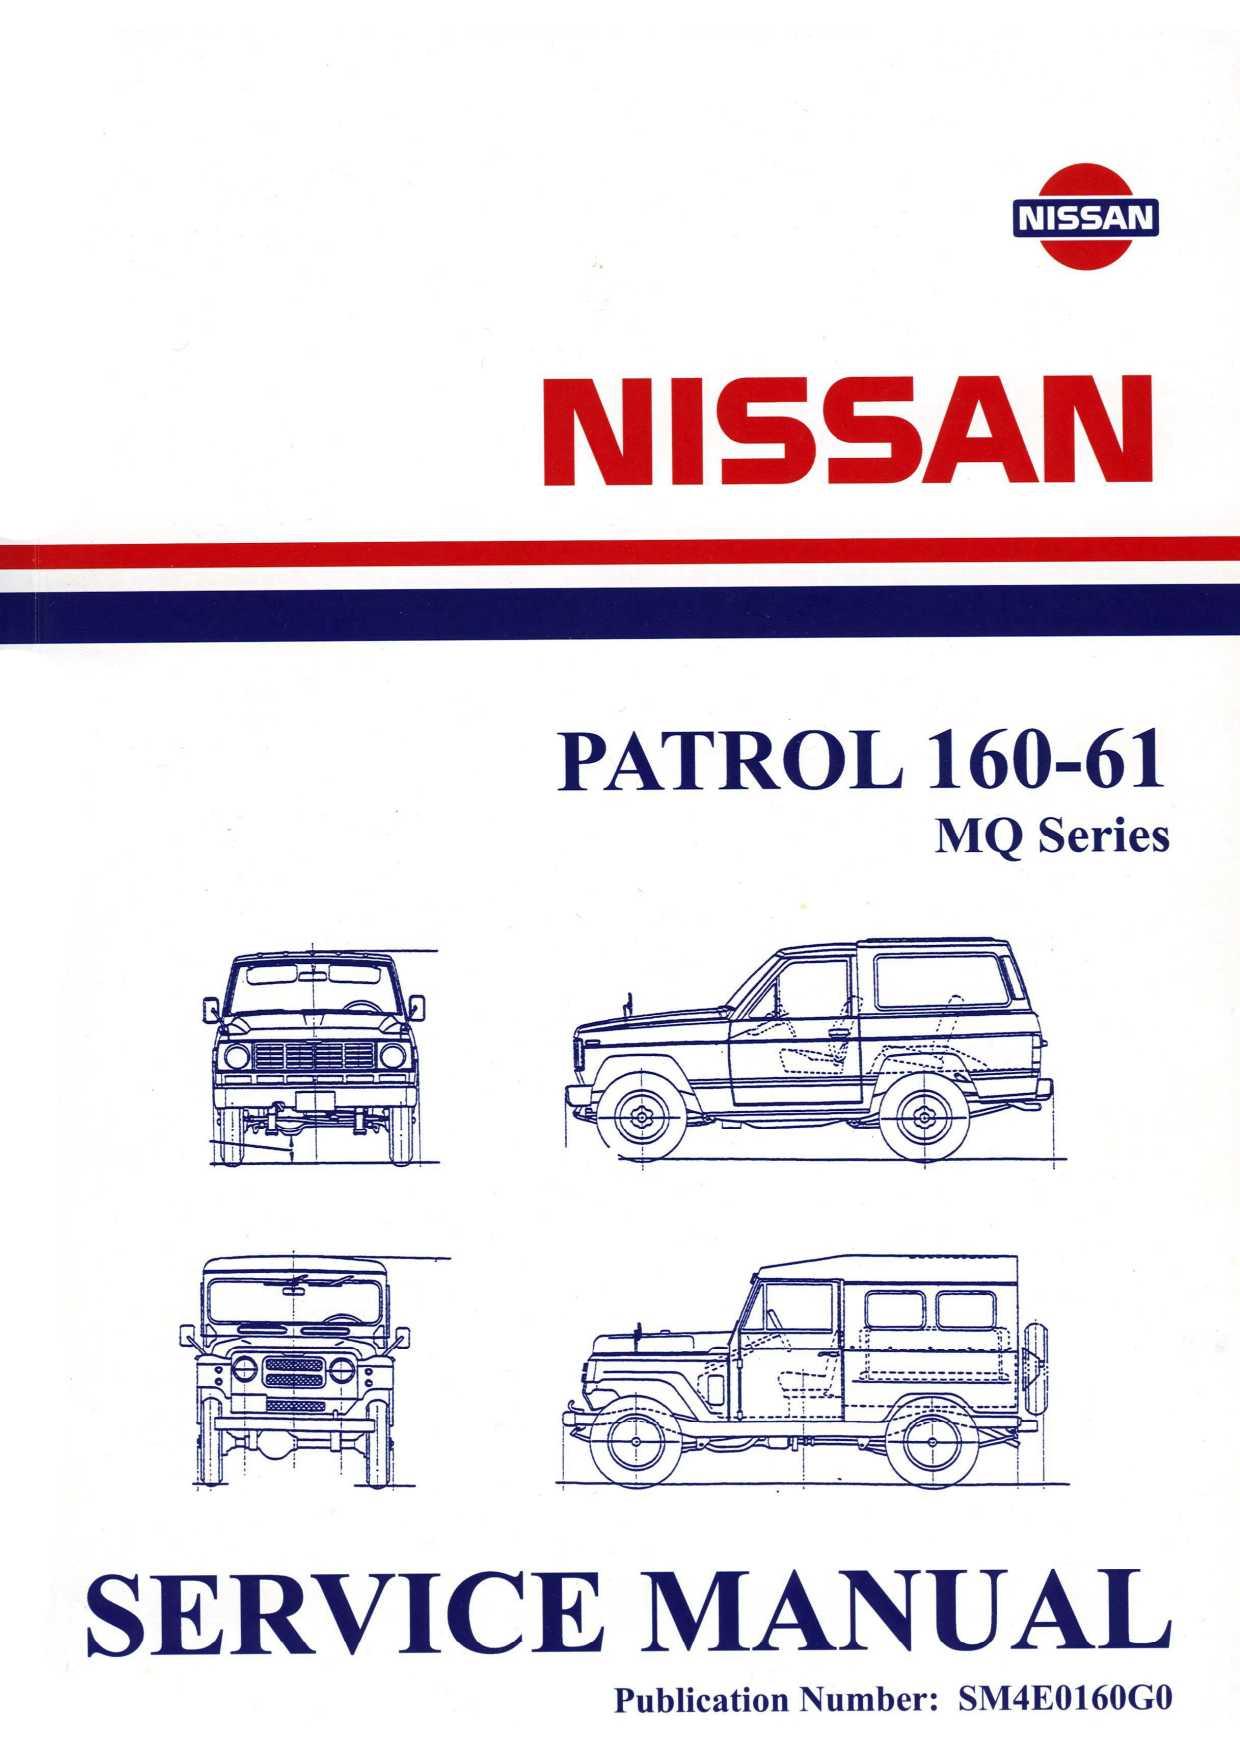 mq service manual 1980 mq patrol com rh mq patrol com Nissan Service Manuals PDF Nissan Manual Transmission Diagram